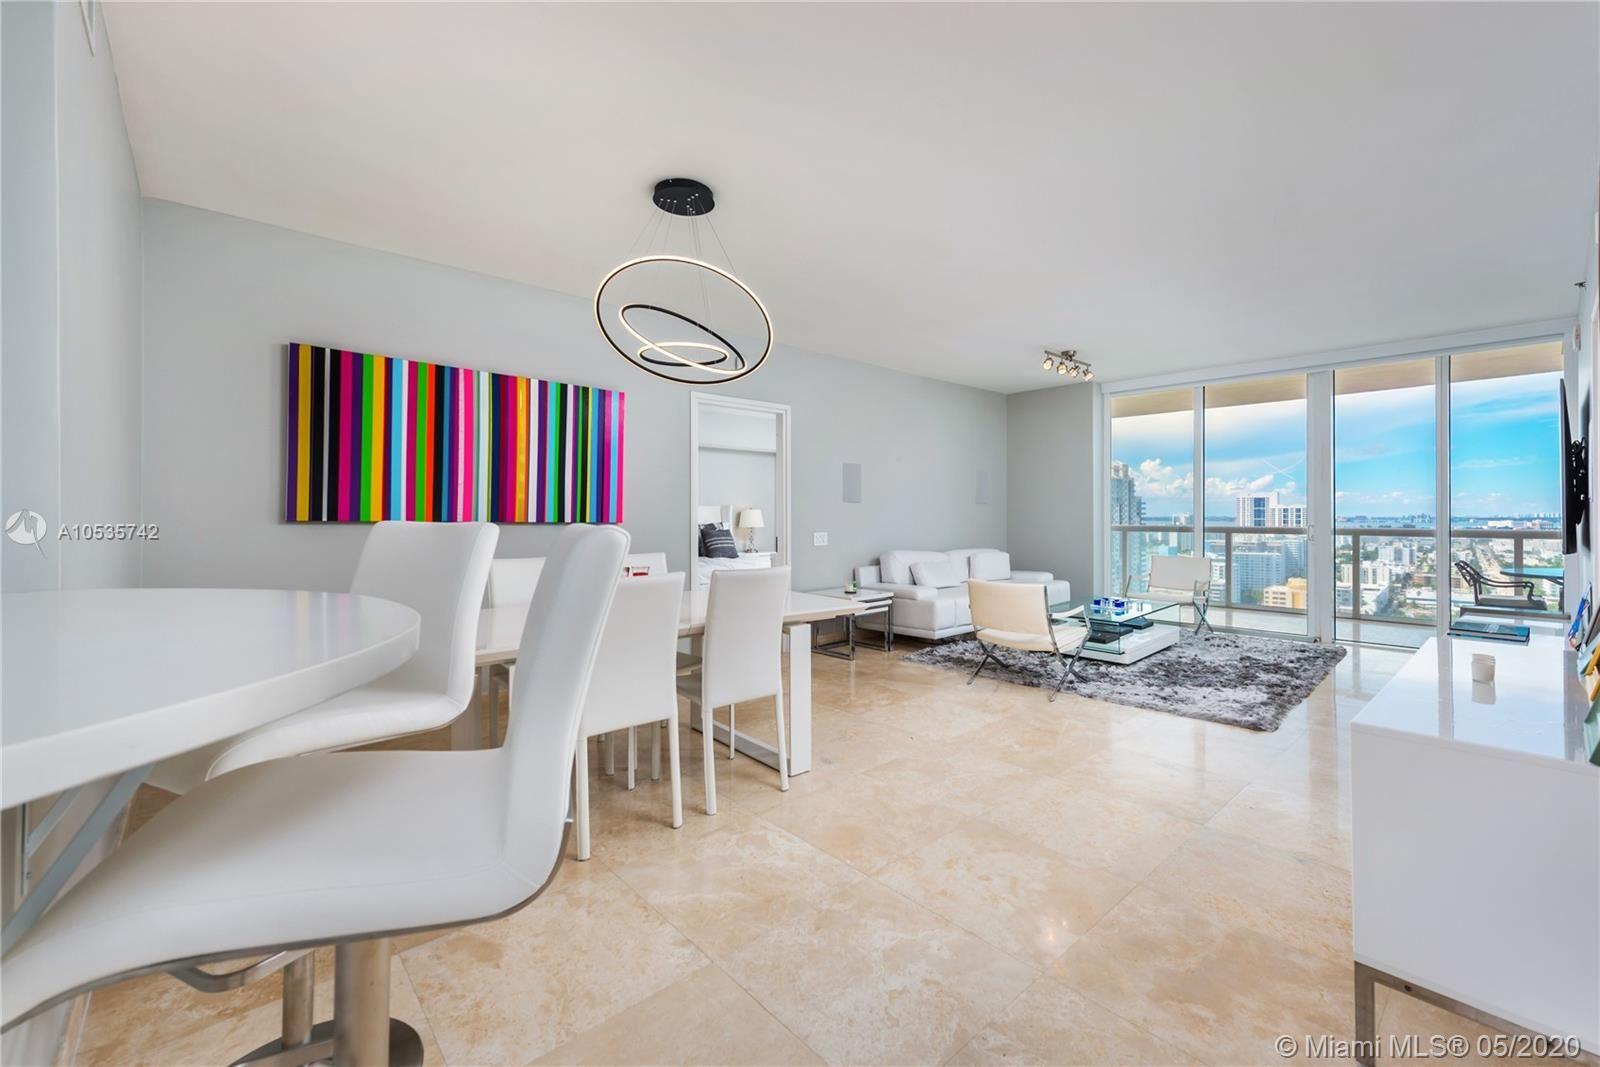 450 Alton Rd #2606, Miami Beach, FL 33139 - #: A10535742